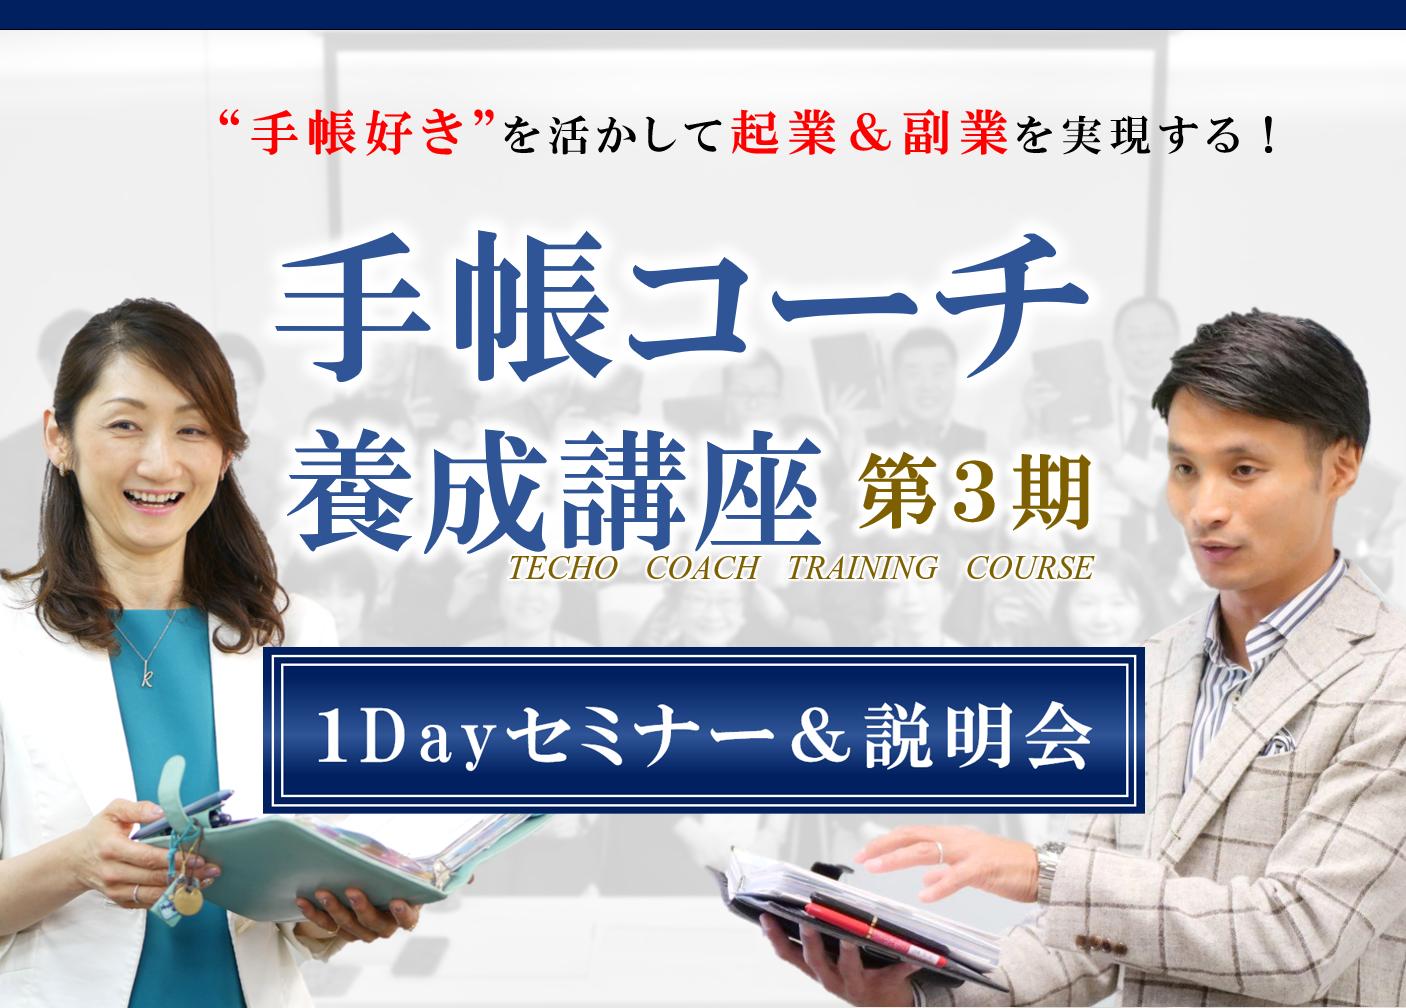 手帳コーチ養成講座(第3期)1Dayセミナー&説明会